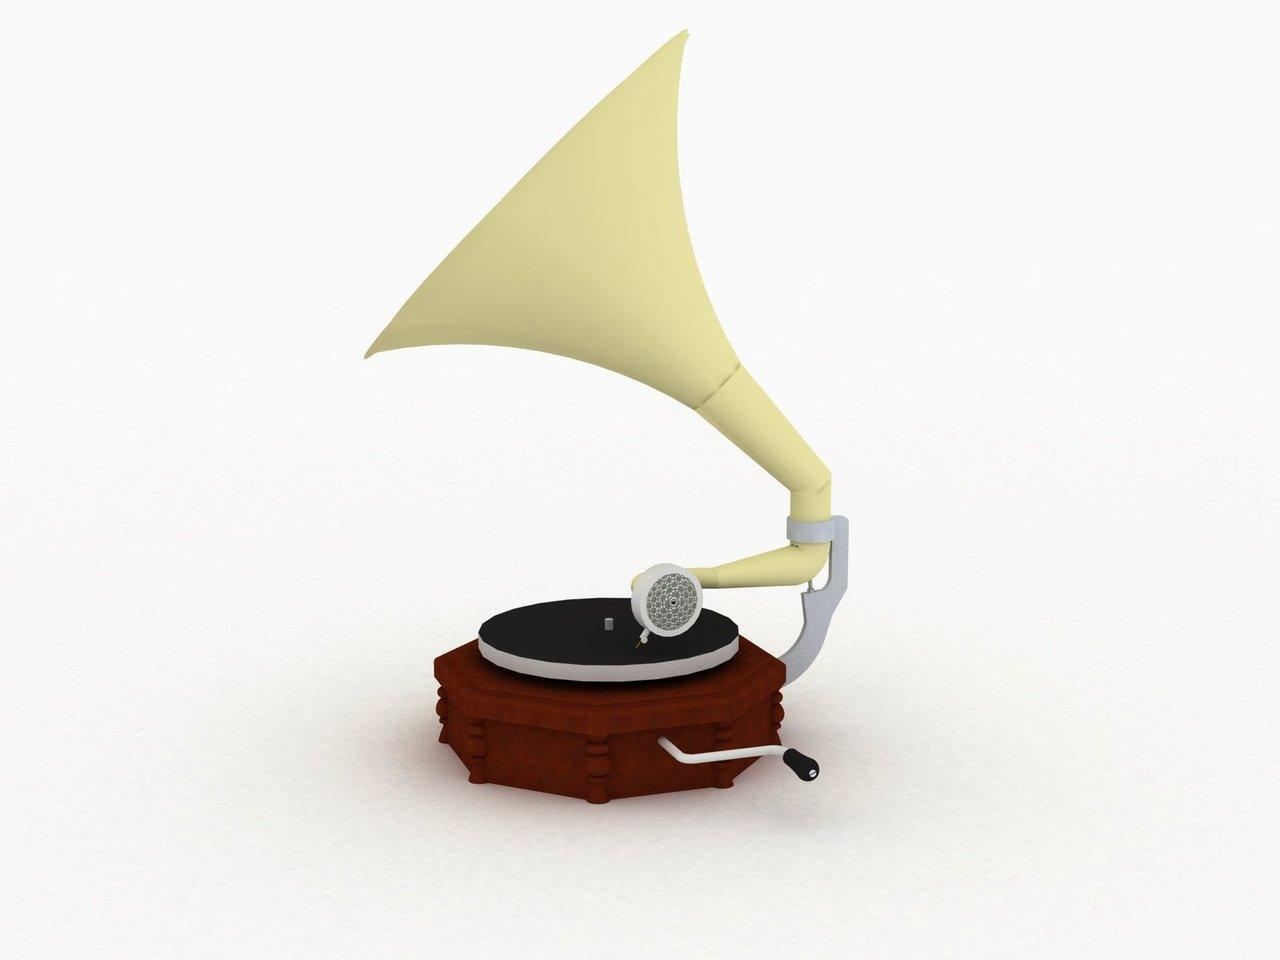 Akcesoria gramofonowe – Jakie warto zakupić?